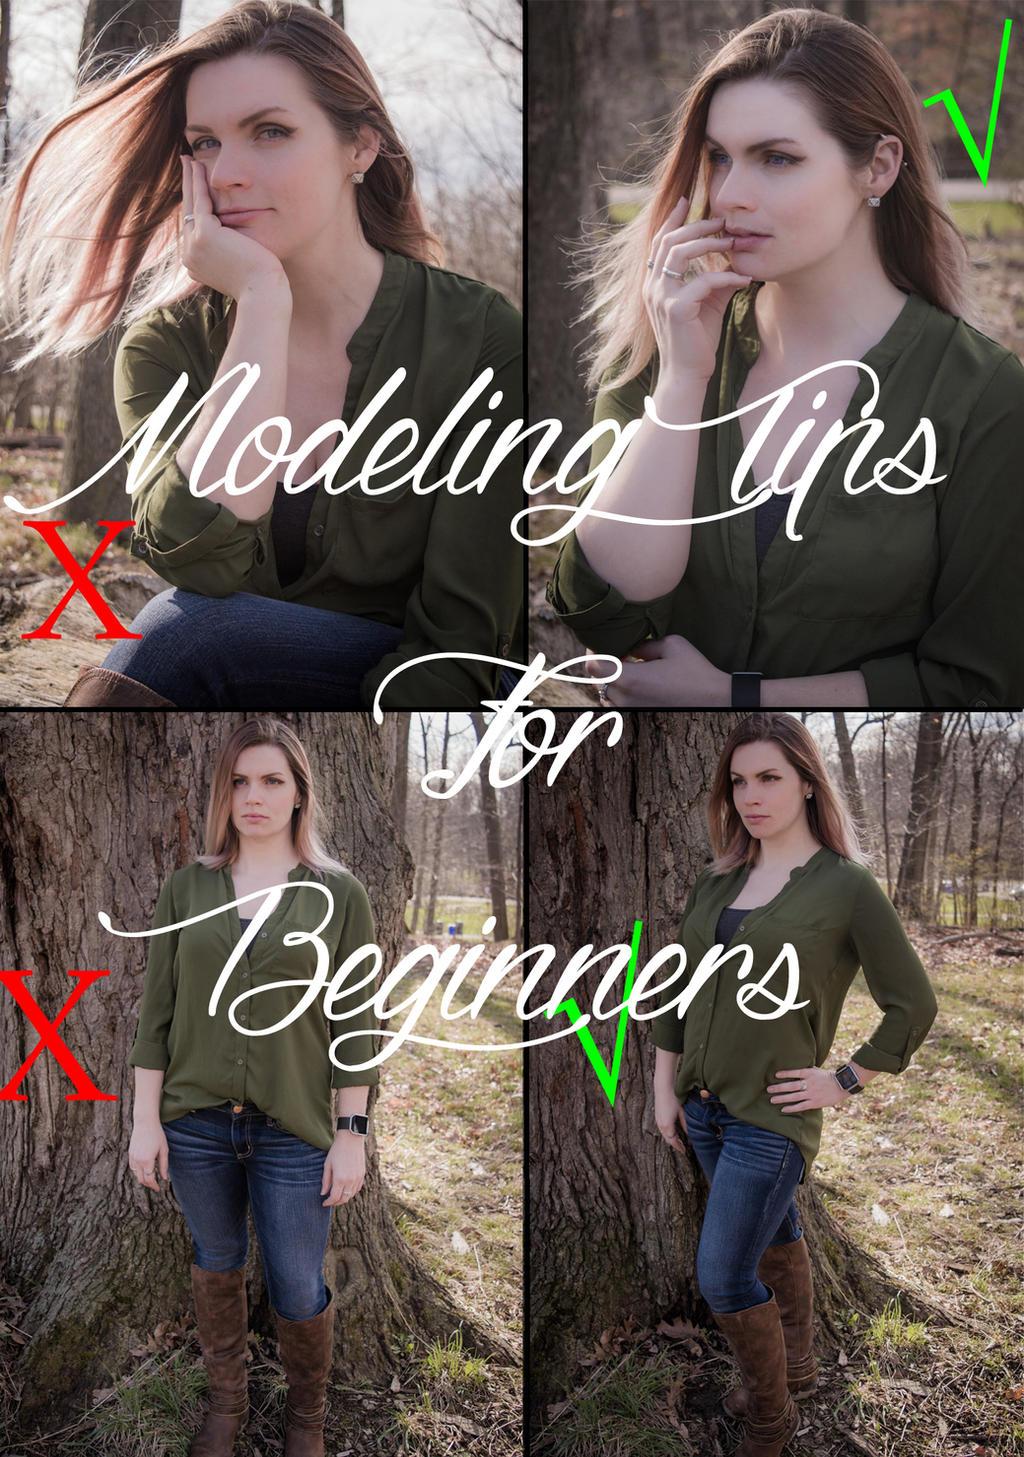 Modeling Tips For Beginners by TheWaywardVixen